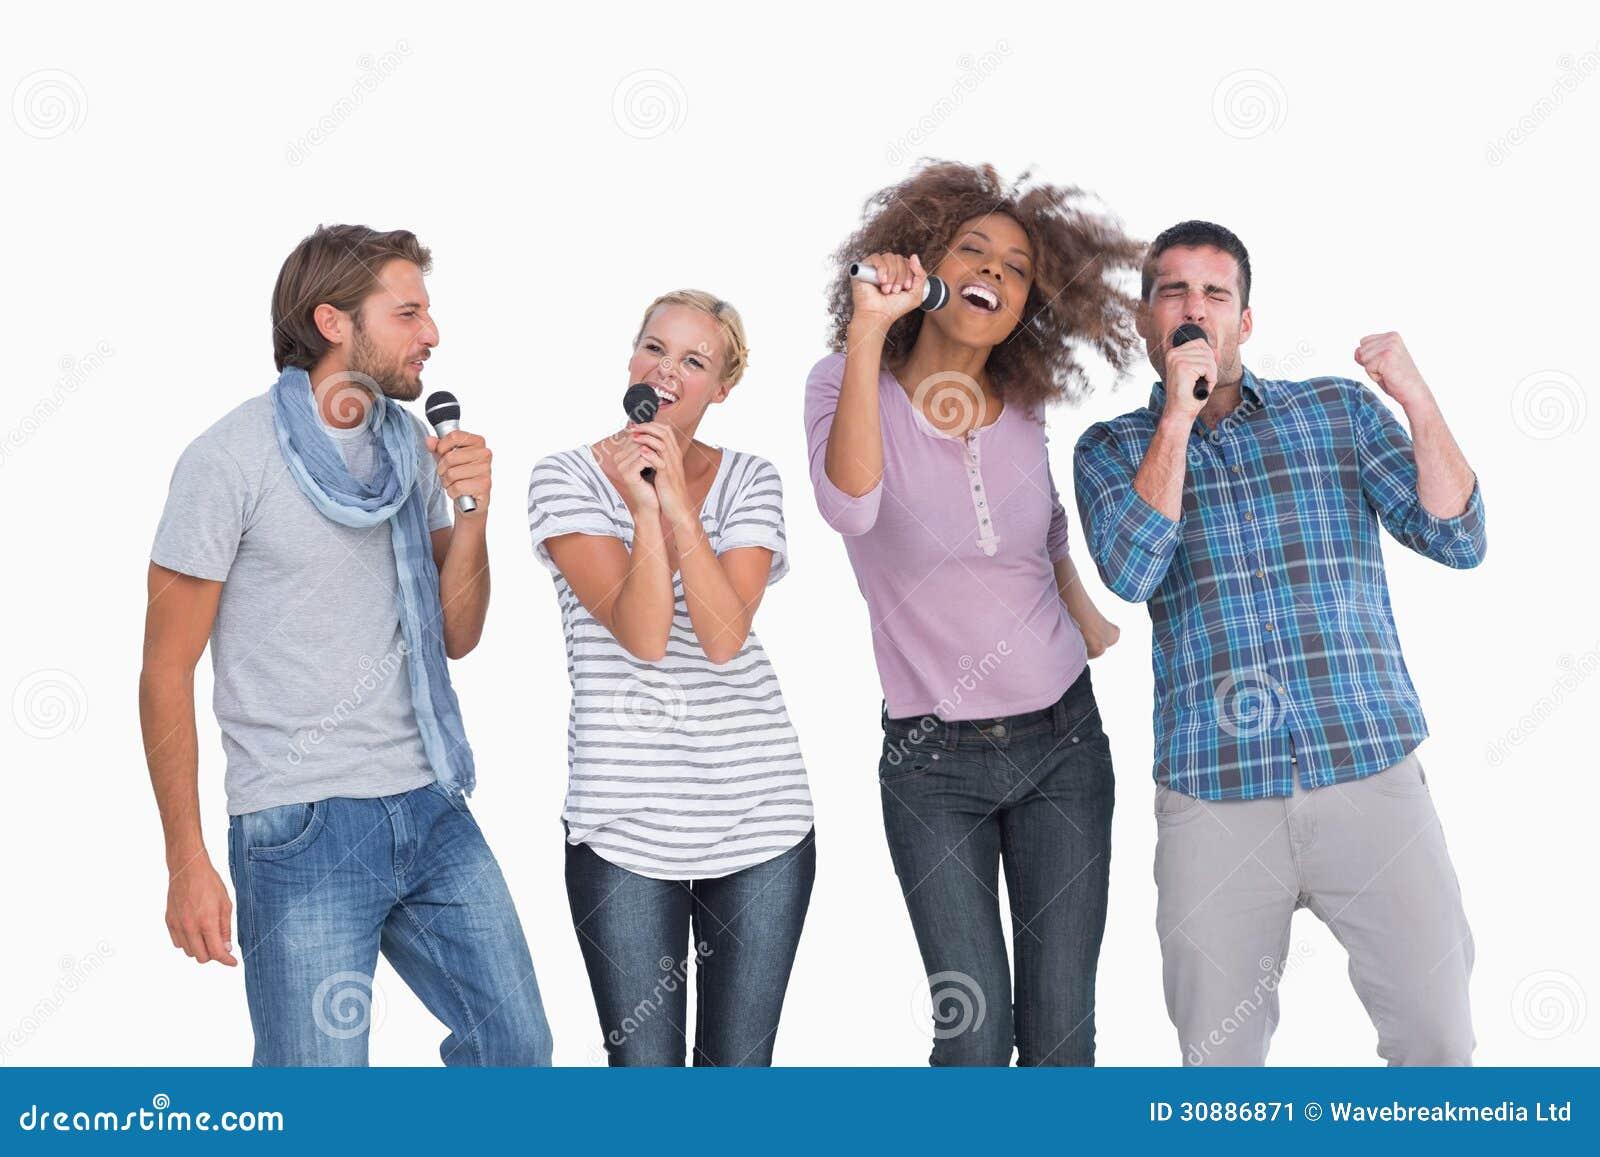 Fun Group Singing At Karaoke Stock Image - Image of posing ... Group Singing Images